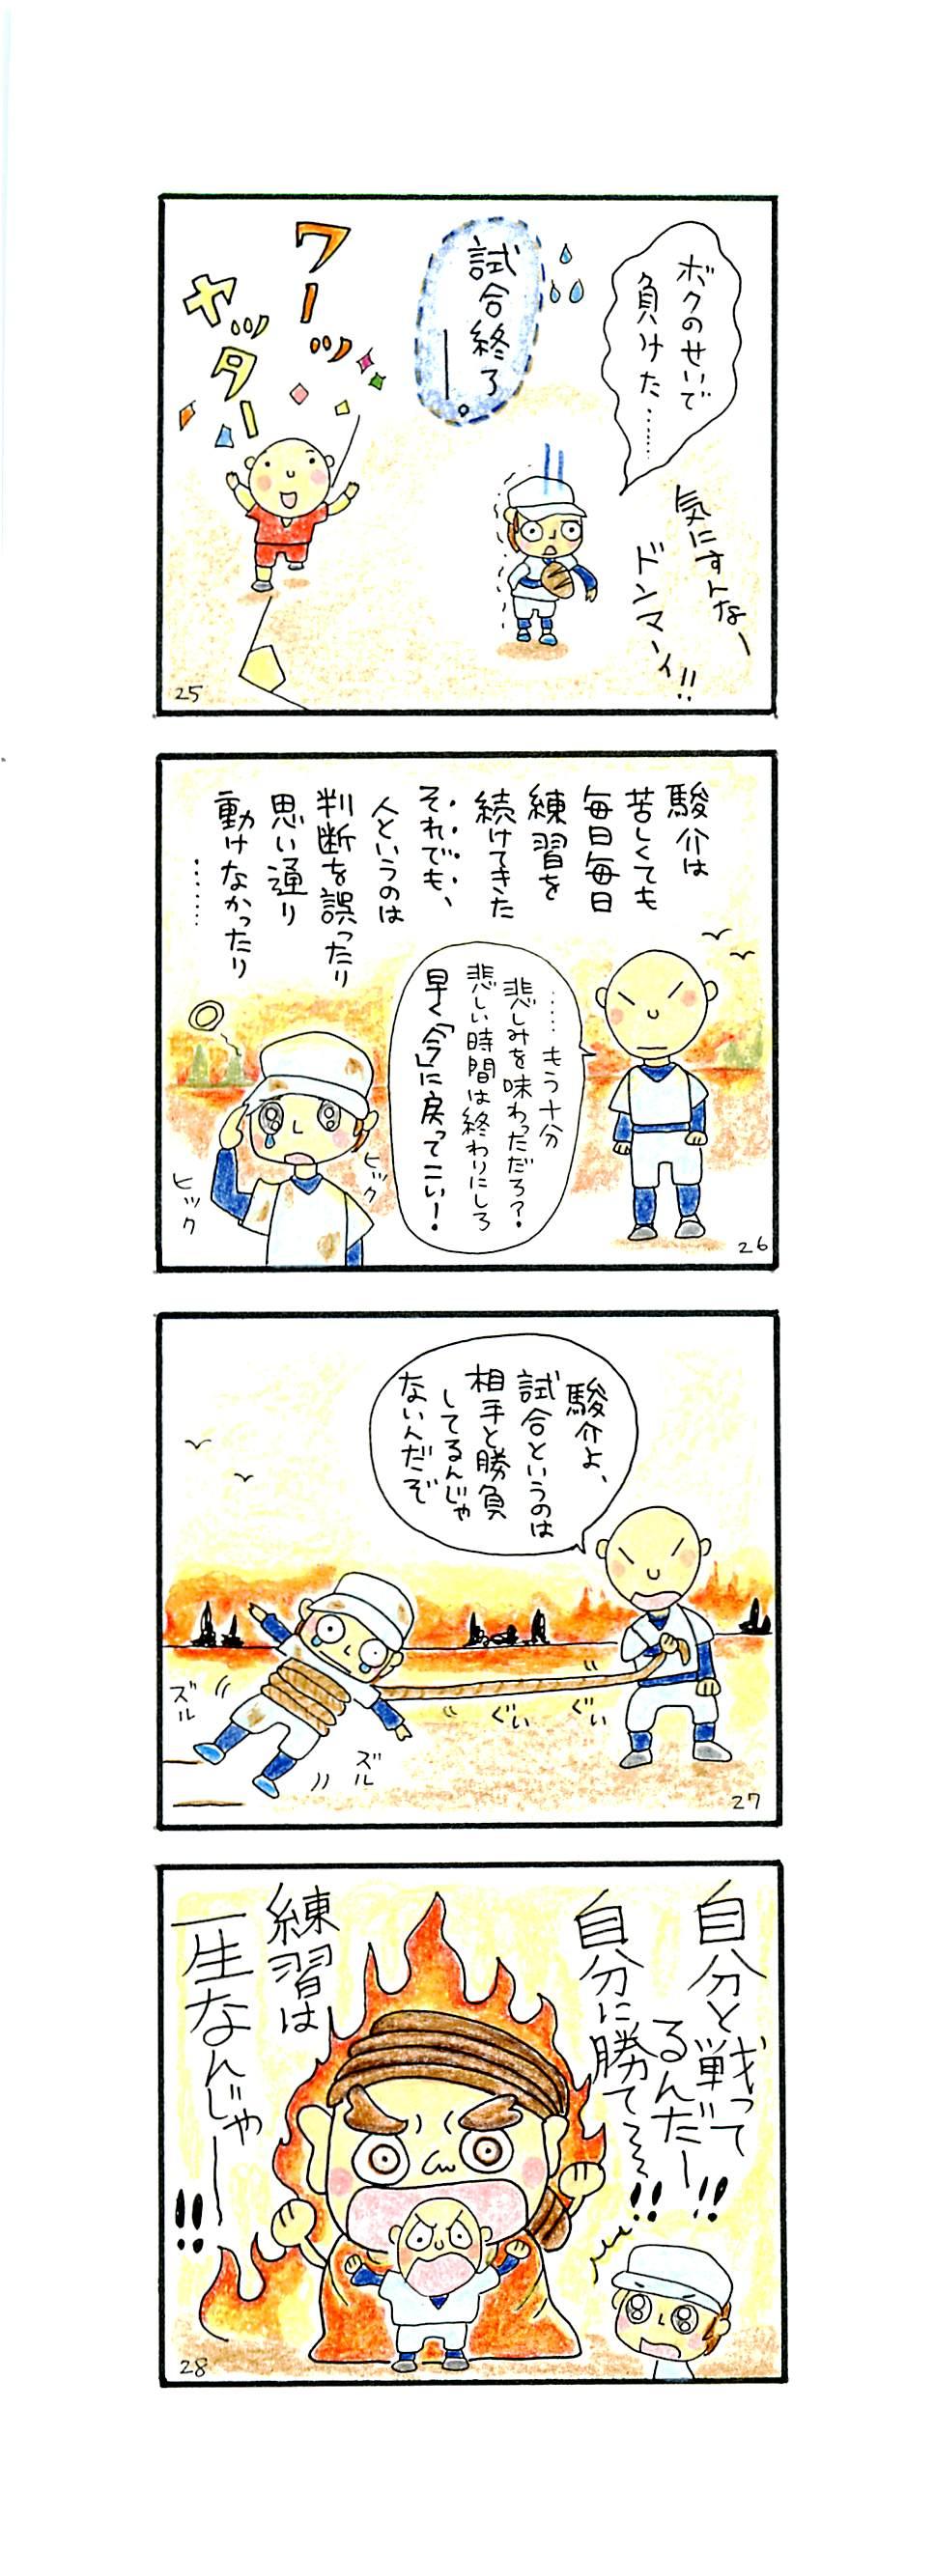 お不動さんp25-p28